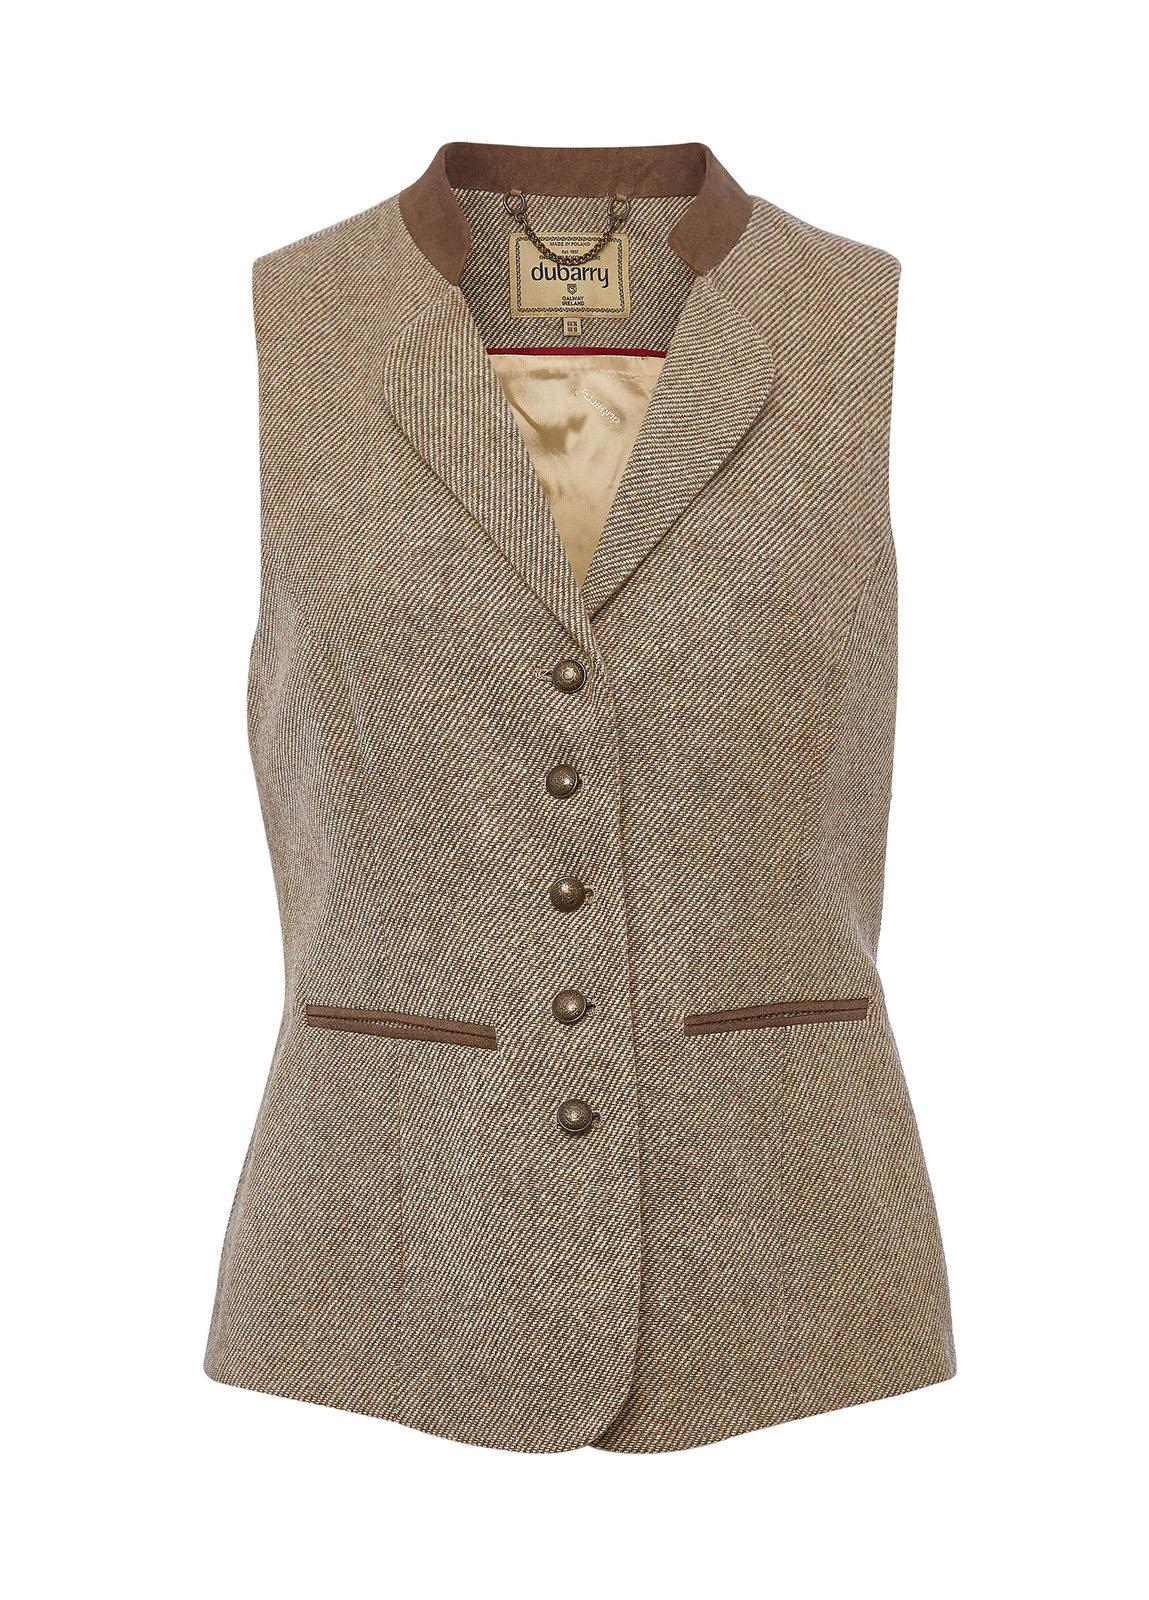 Spindle_Tweed_Waistcoat_Various_Image_1